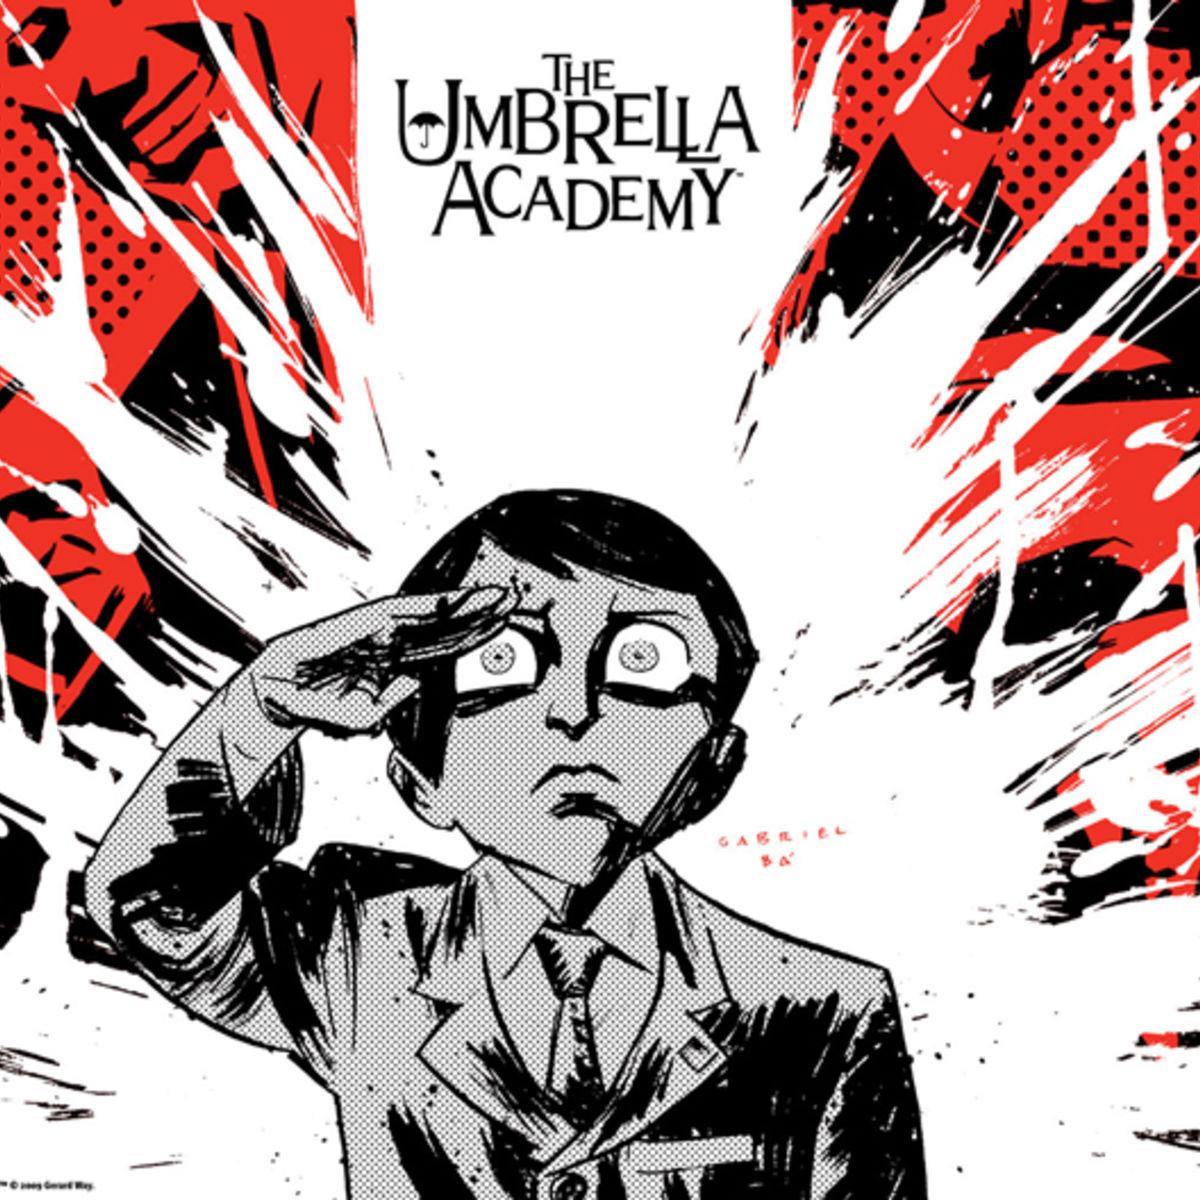 UmbrellaAcademy.jpg